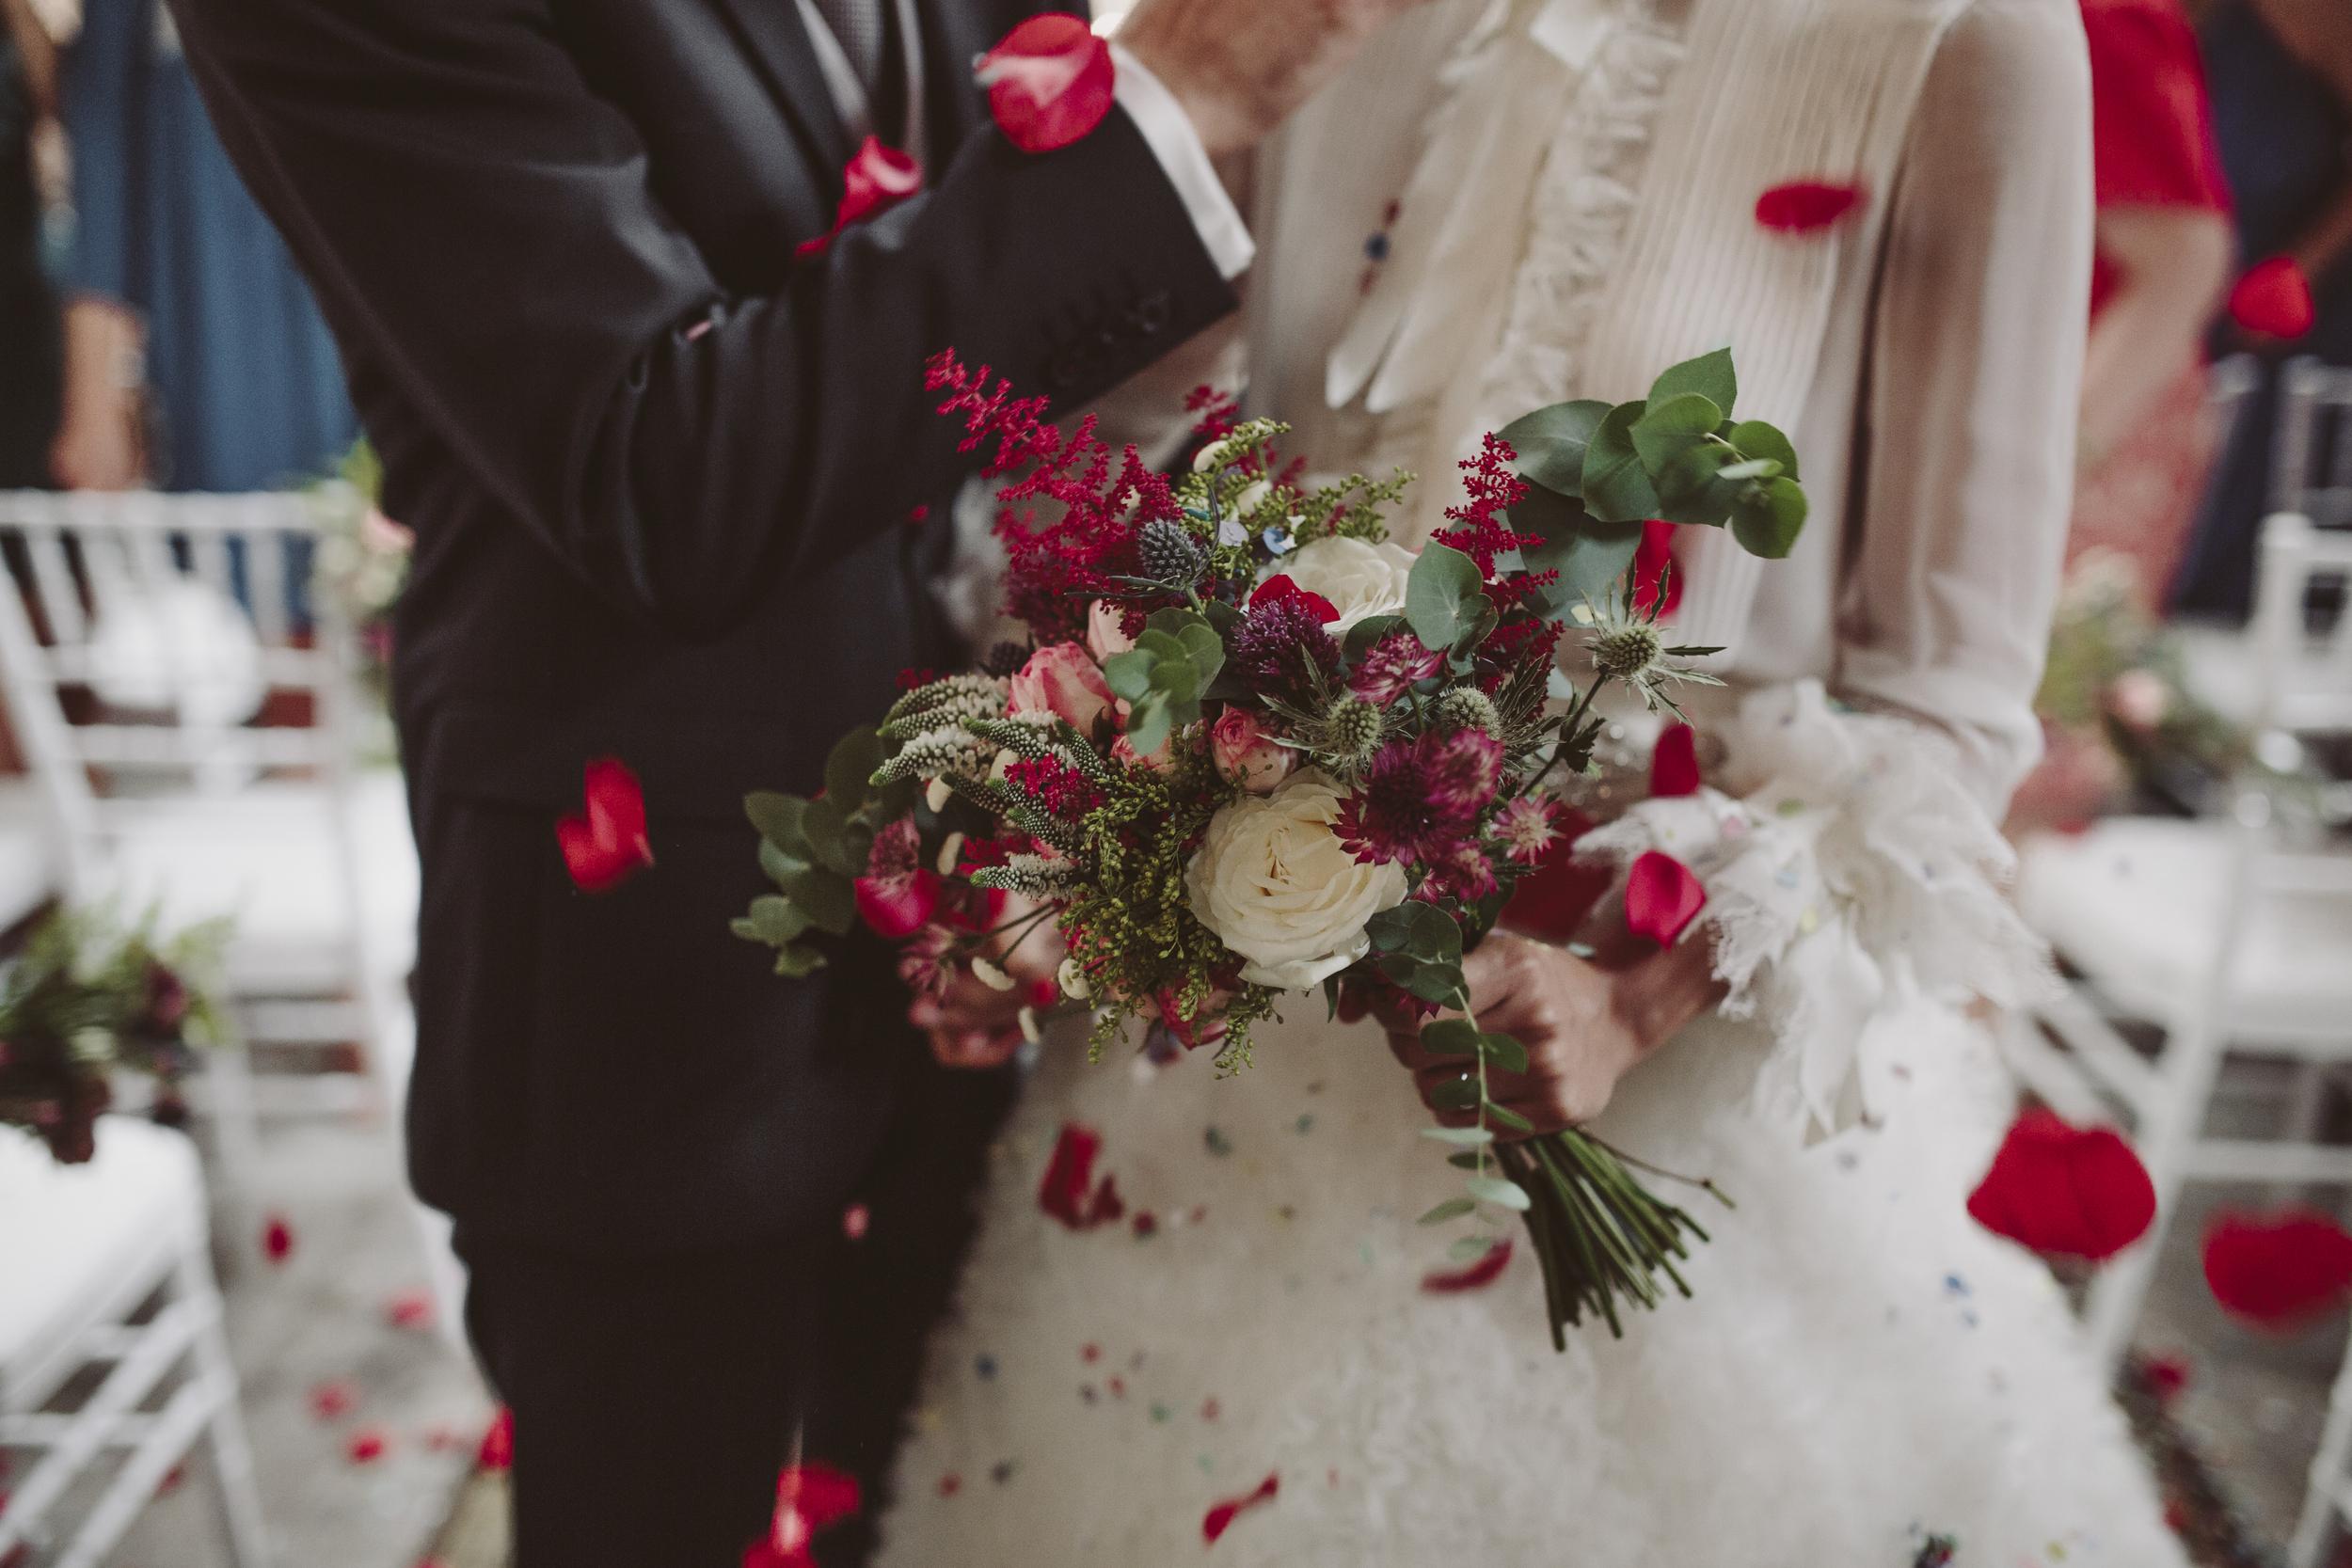 Fotografo bodas Pontevedra Graciela Vilagudin 631.jpg